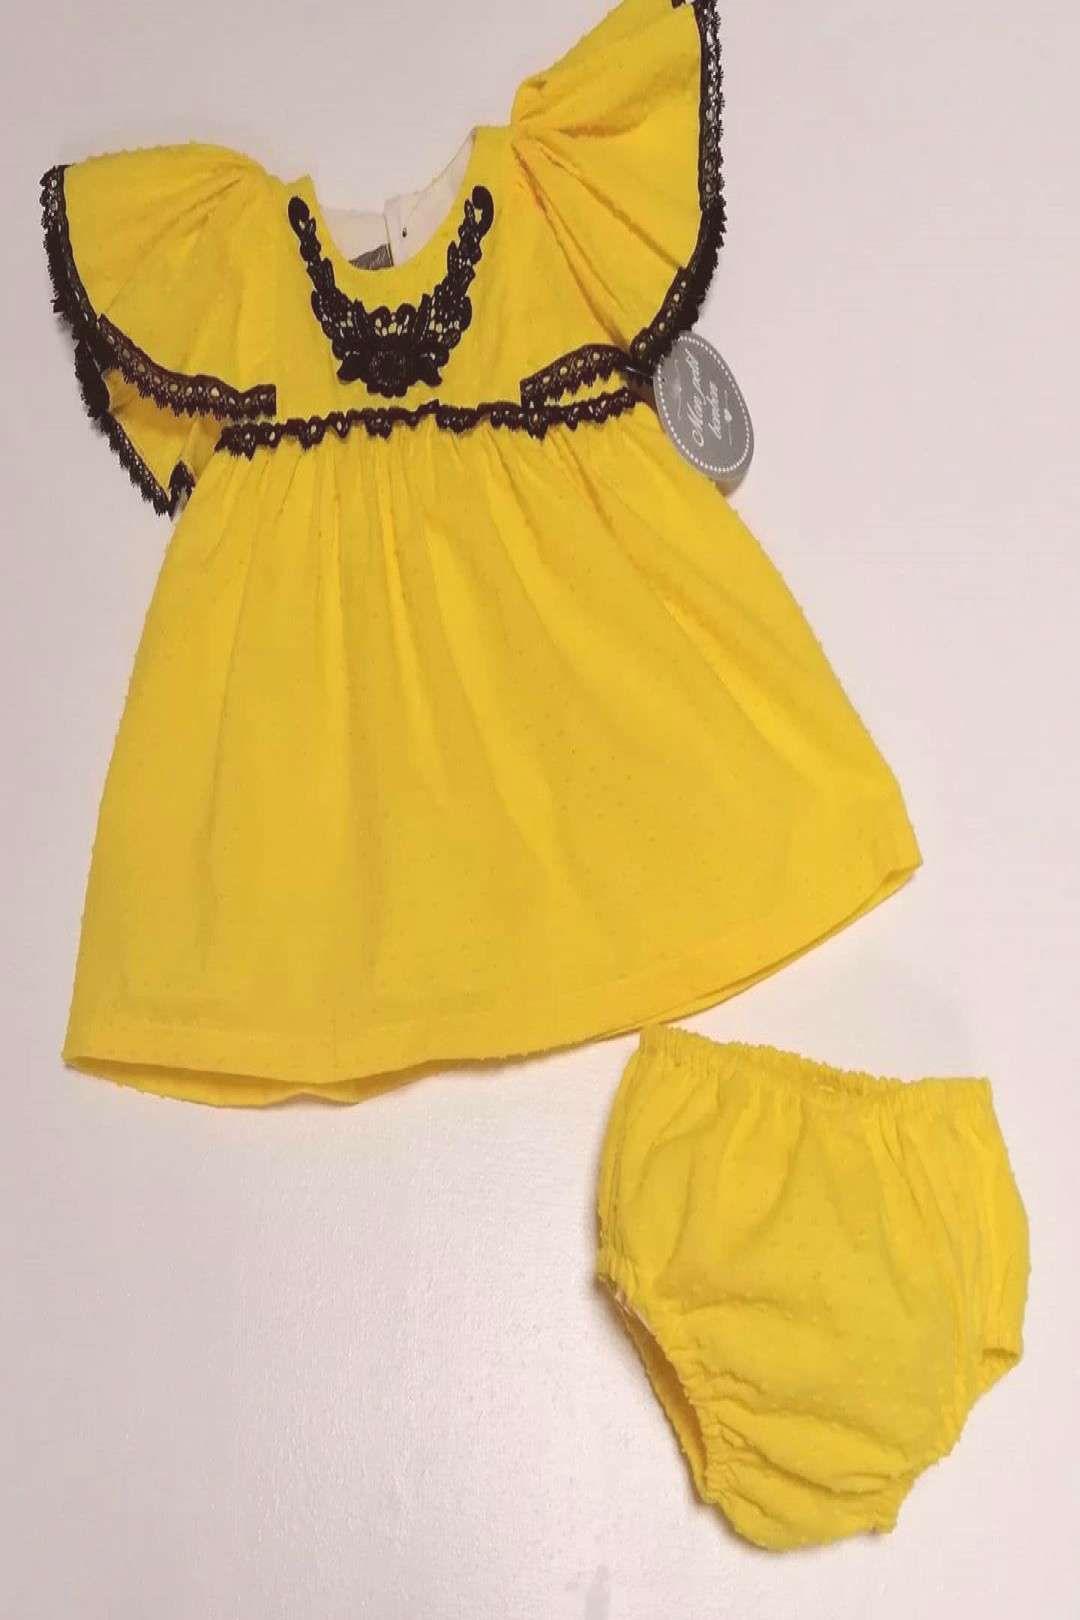 #elprincipitollanes #principito #jesusito #february #vestido #bonbon #242020 #petit #photo #mon #ll #by #el #on #y  Jesusito y vestido ️ Mon Petit Bonbon #elprincipito_llanes #llYou can find Kids wear ...